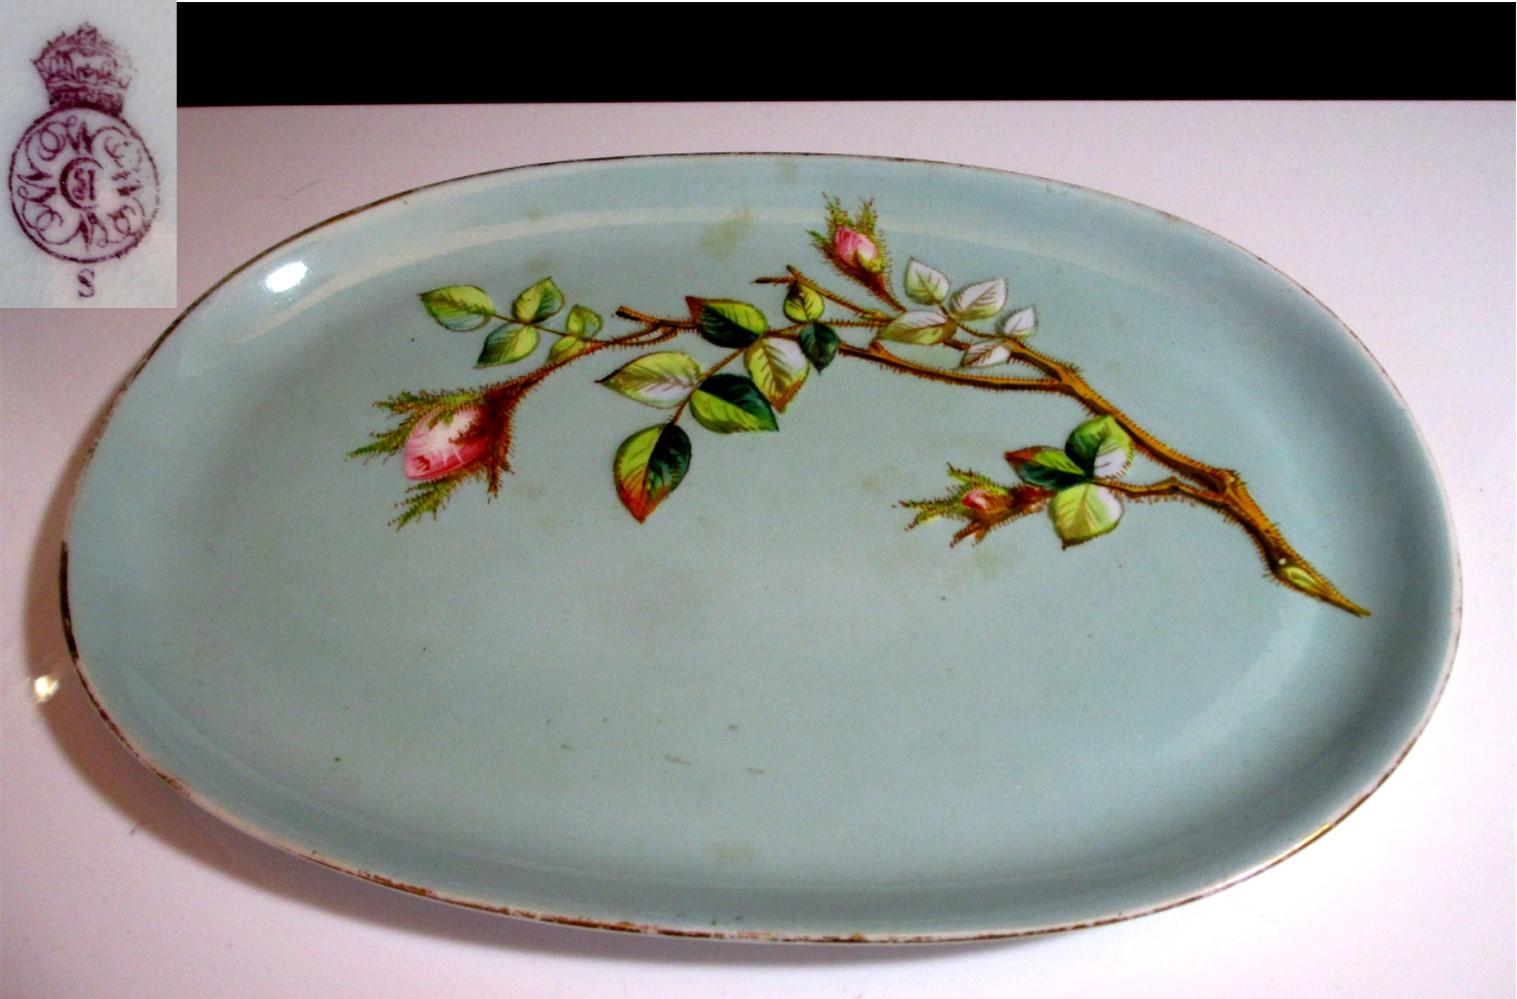 【19世紀ヴィクトリアンアンティーク】ロイヤル・ウースター野ばらレリーフの絵皿